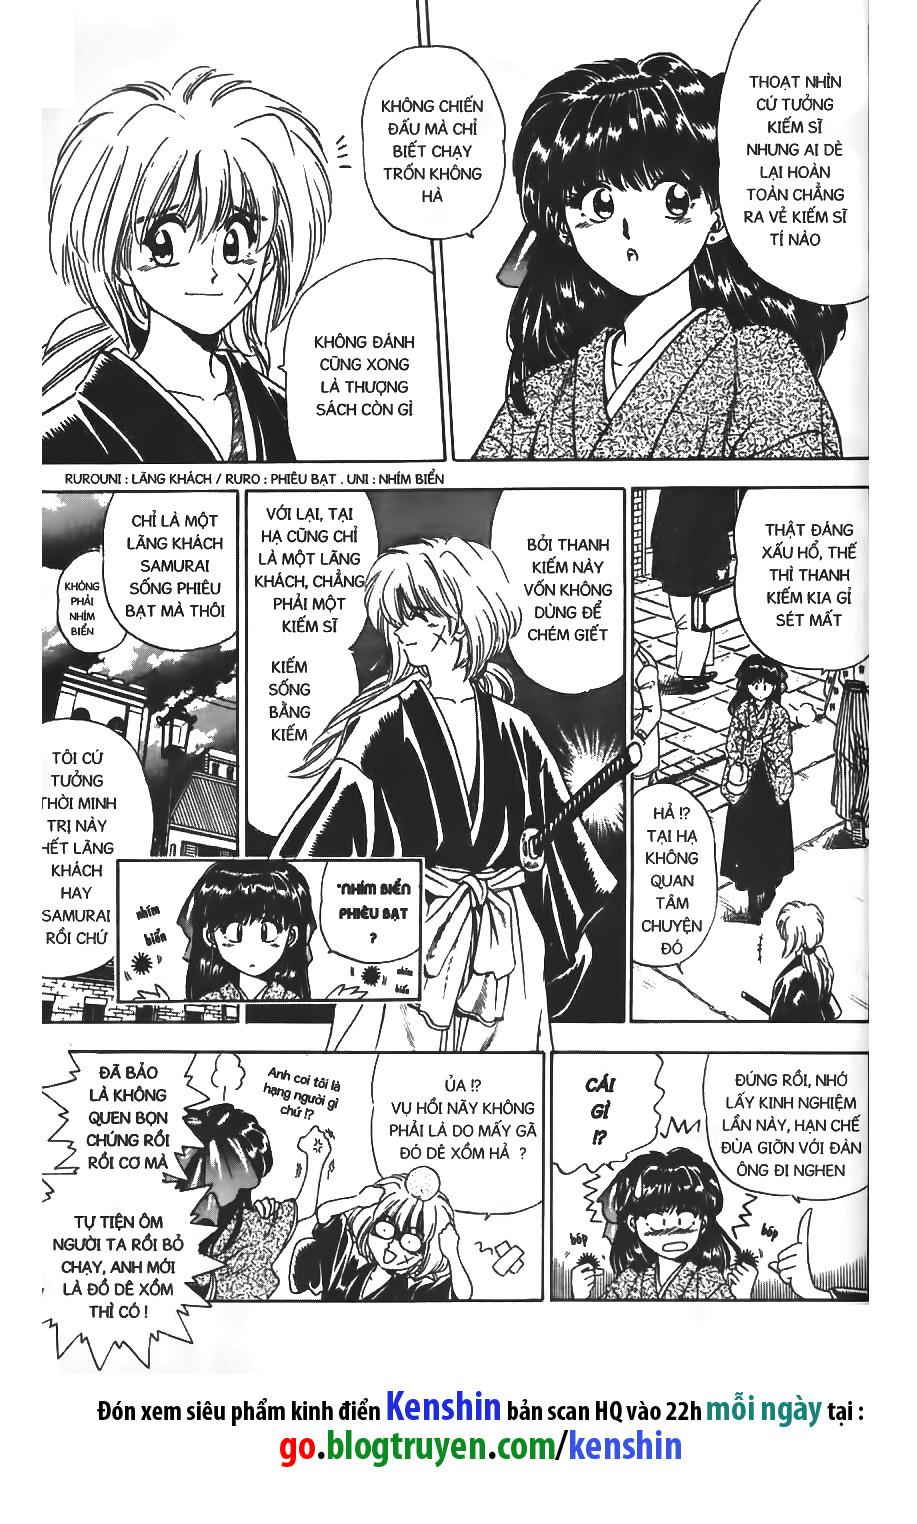 Rurouni Kenshin chap 6.5 trang 6